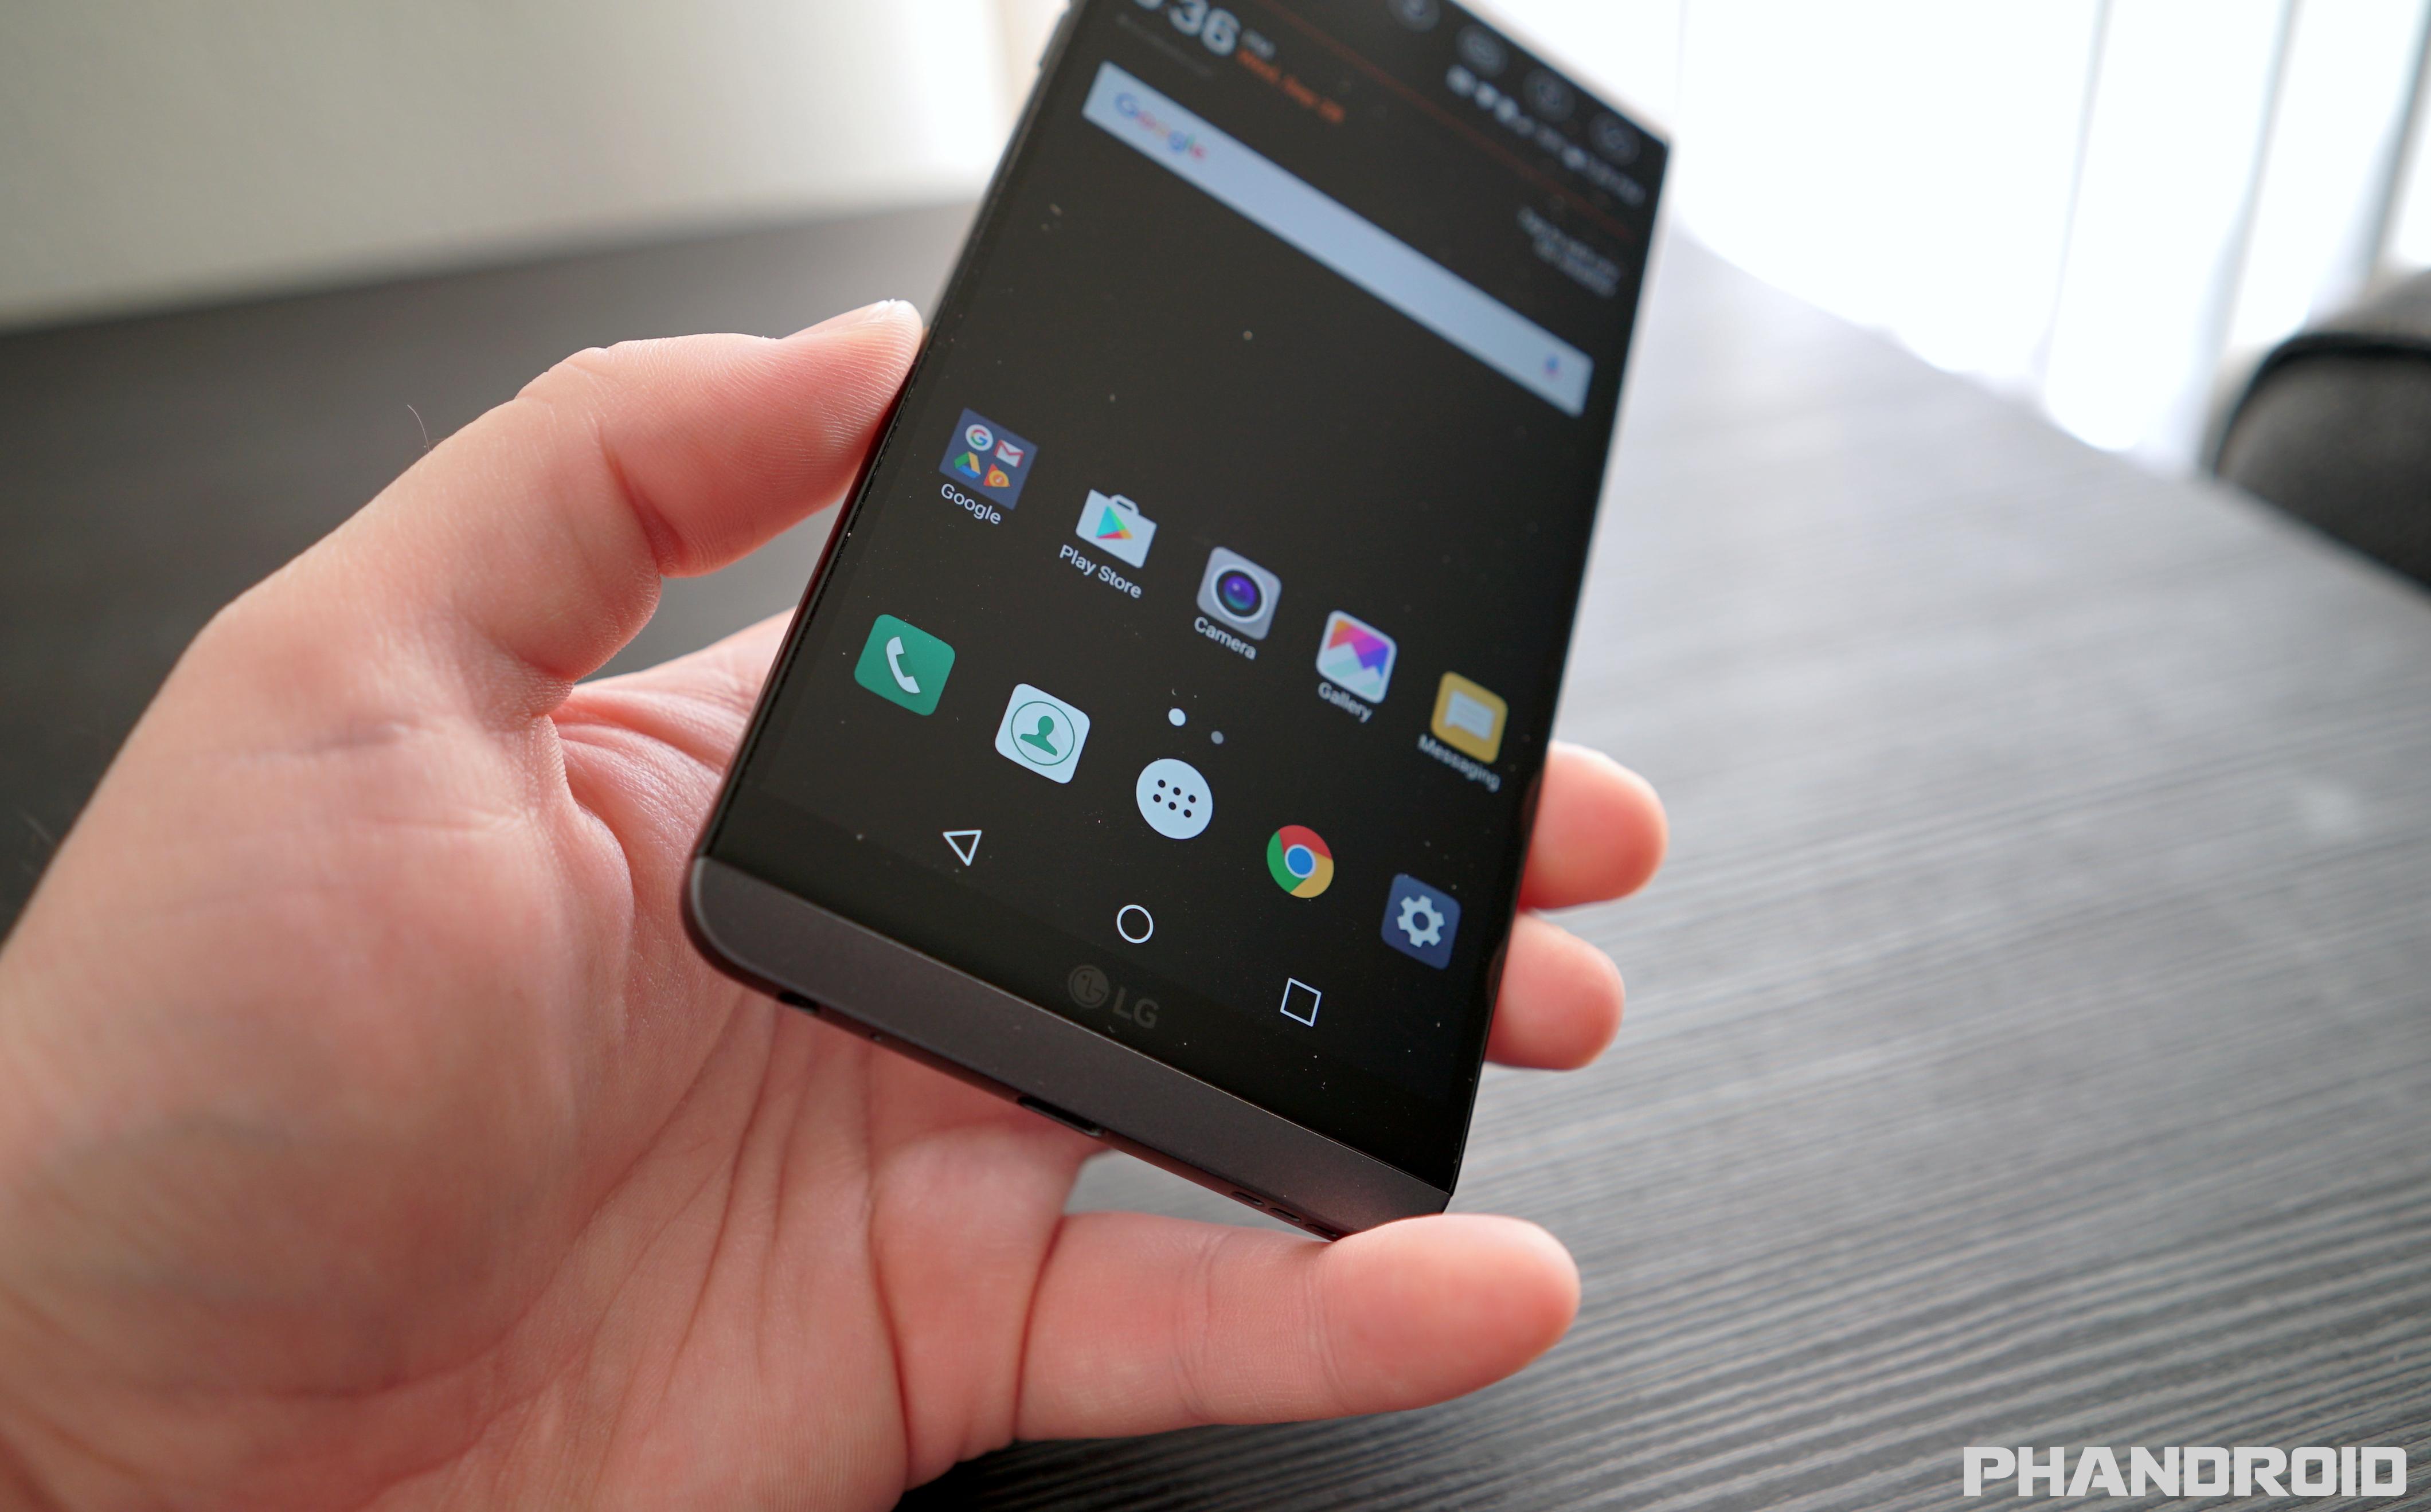 LG V20: 30+ Tips & Tricks